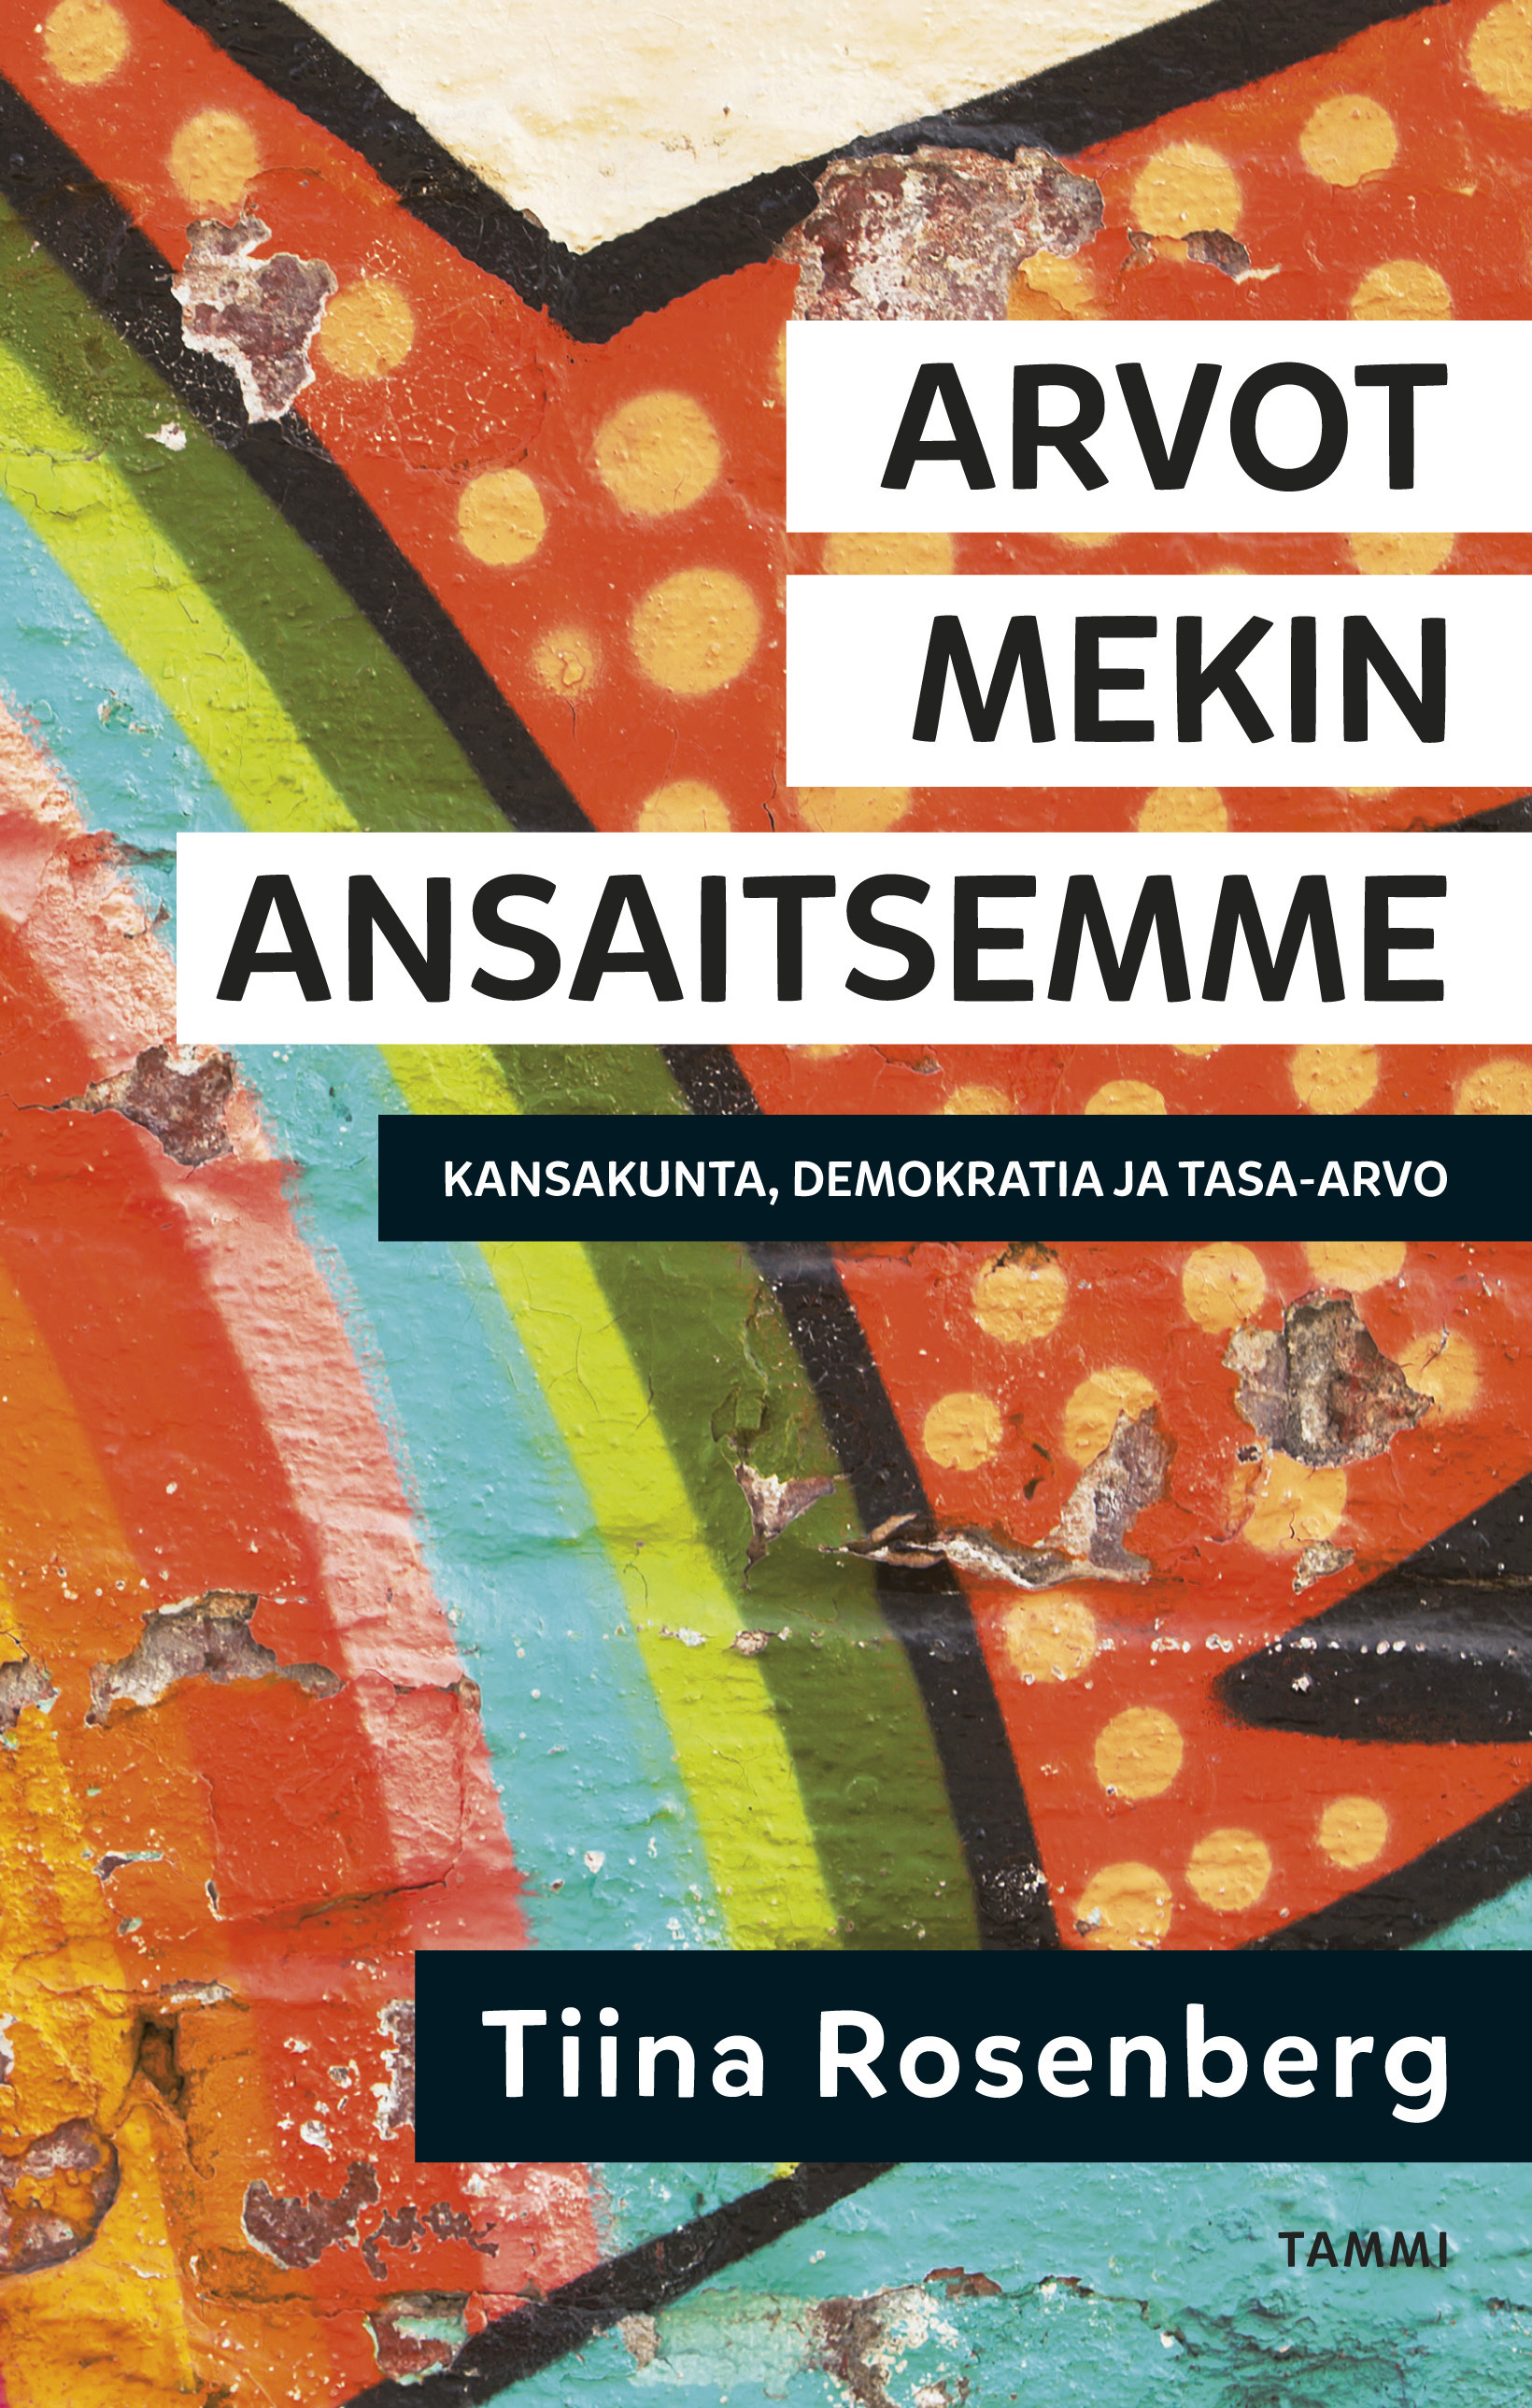 Rosenberg, Tiina - Arvot mekin ansaitsemme: Kansakunta, demokratia ja tasa-arvo, e-kirja